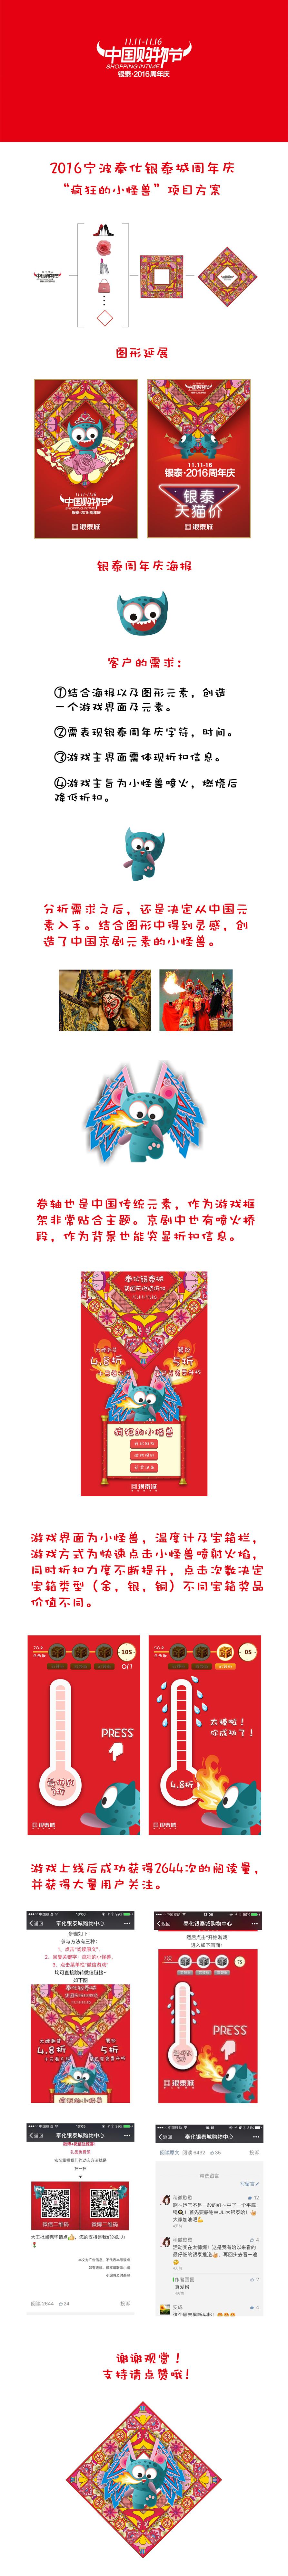 gui设计师 2年前发布        为2016宁波奉化银泰